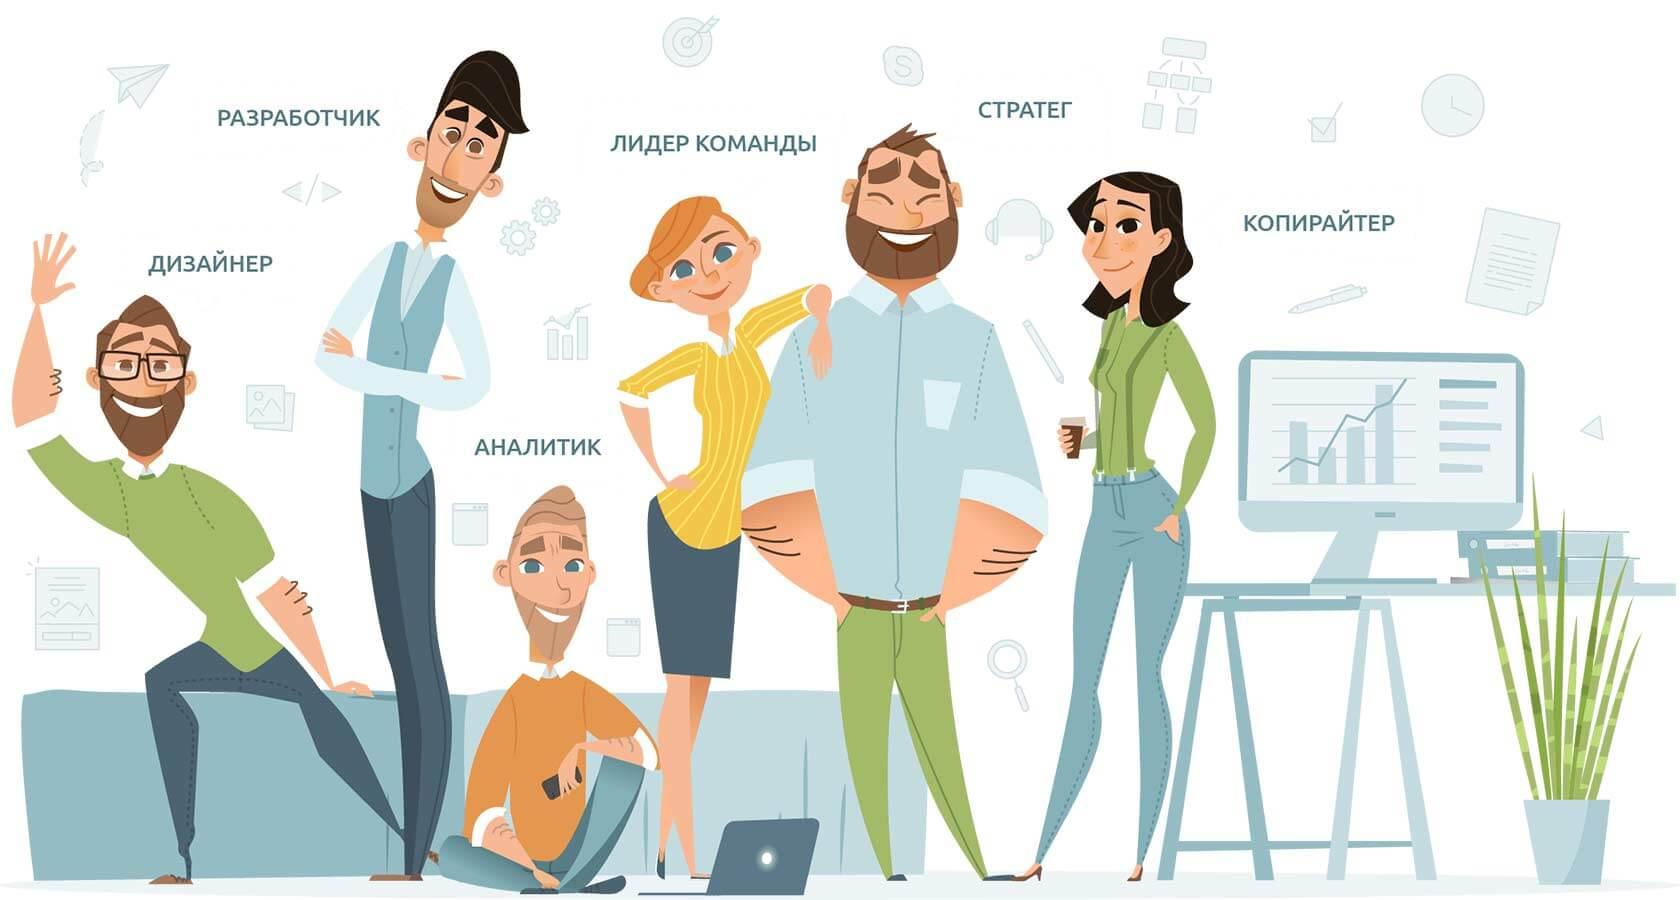 Внедрение автоматизации маркетинга - команда